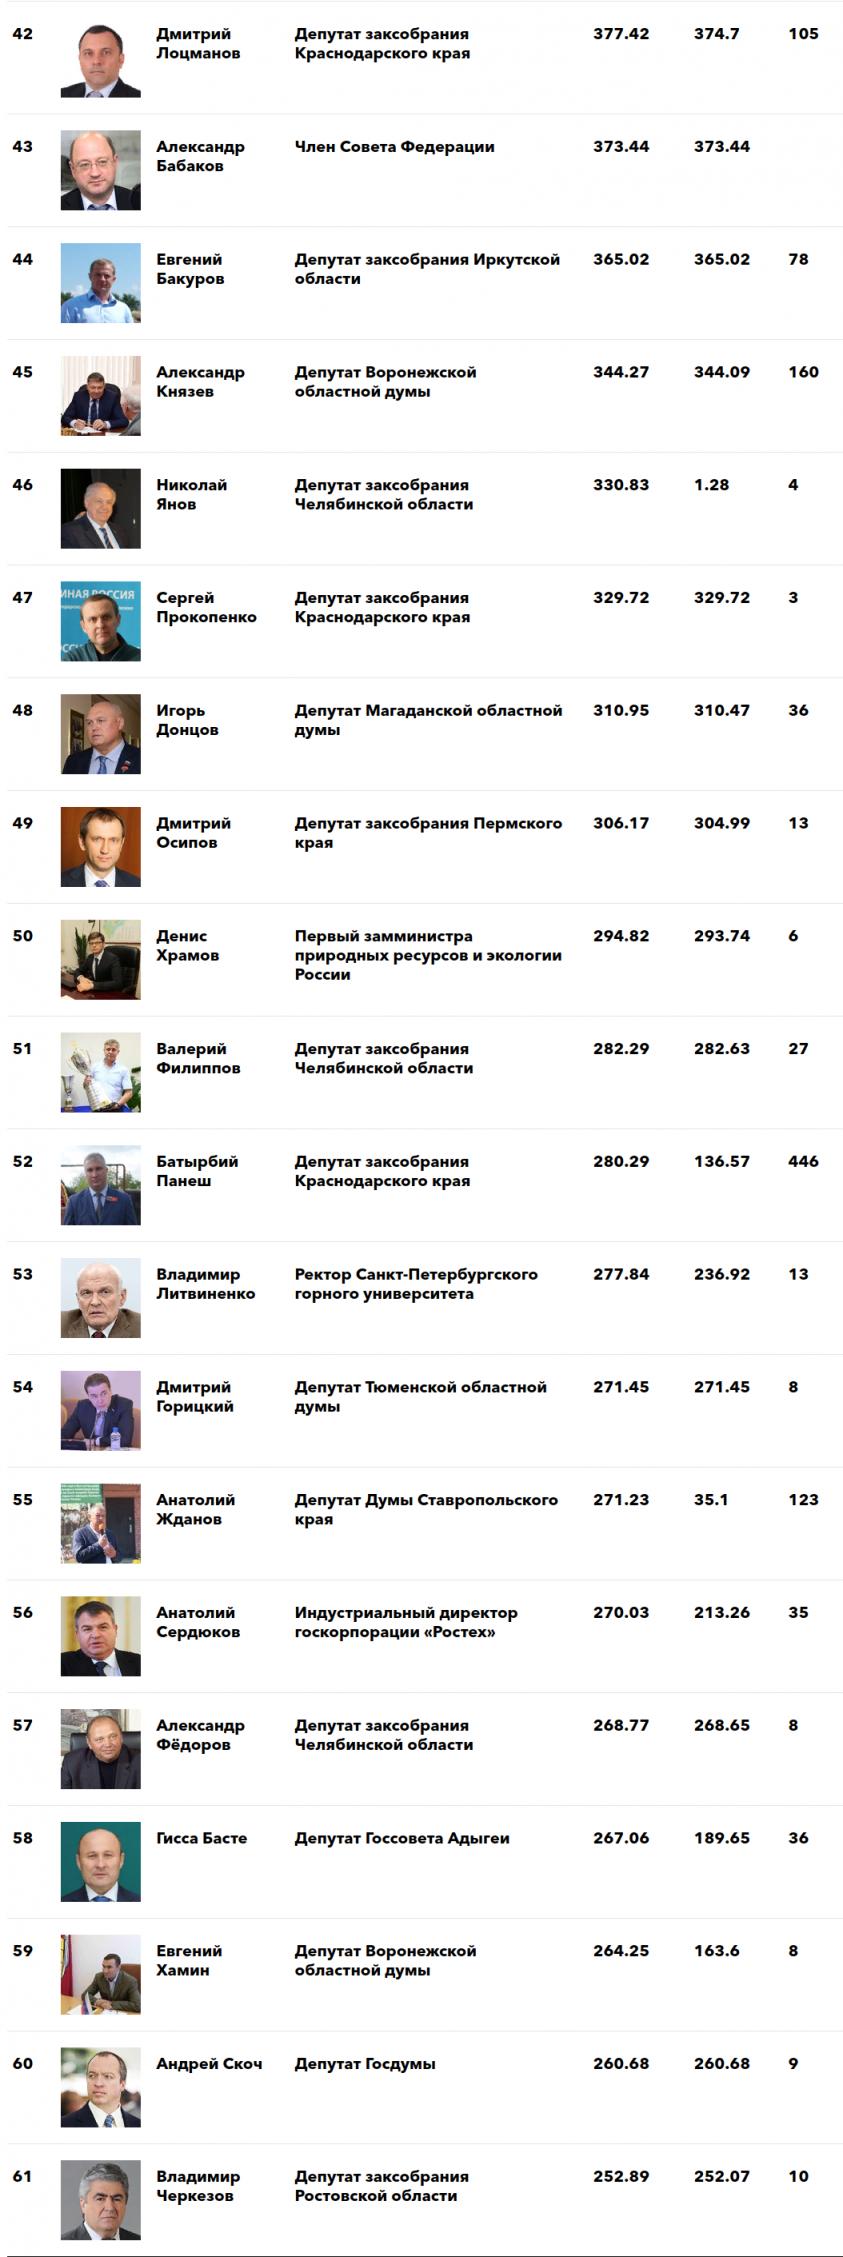 «Власть и деньги»: Forbes назвал самых богатых чиновников и депутатов в России